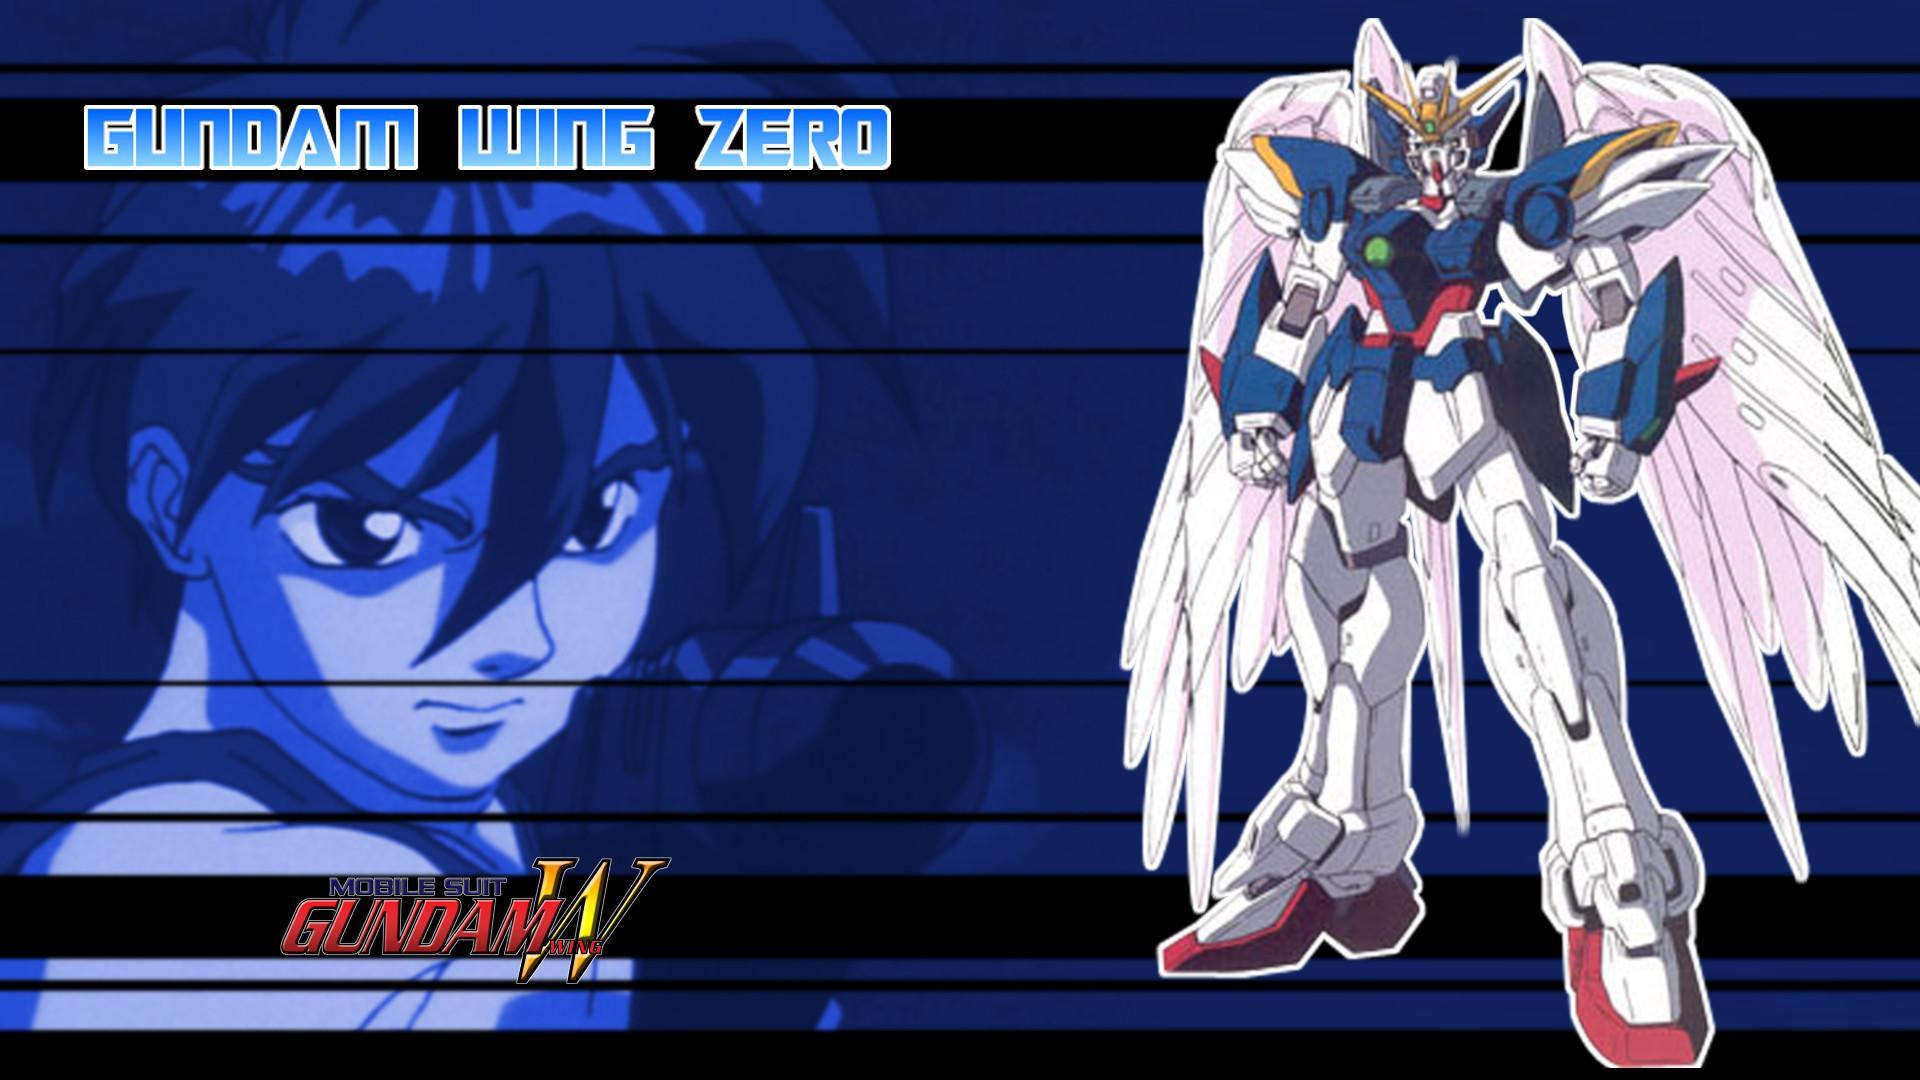 15 Gundam Wing Endless Waltz Pantip Wallpapers 11